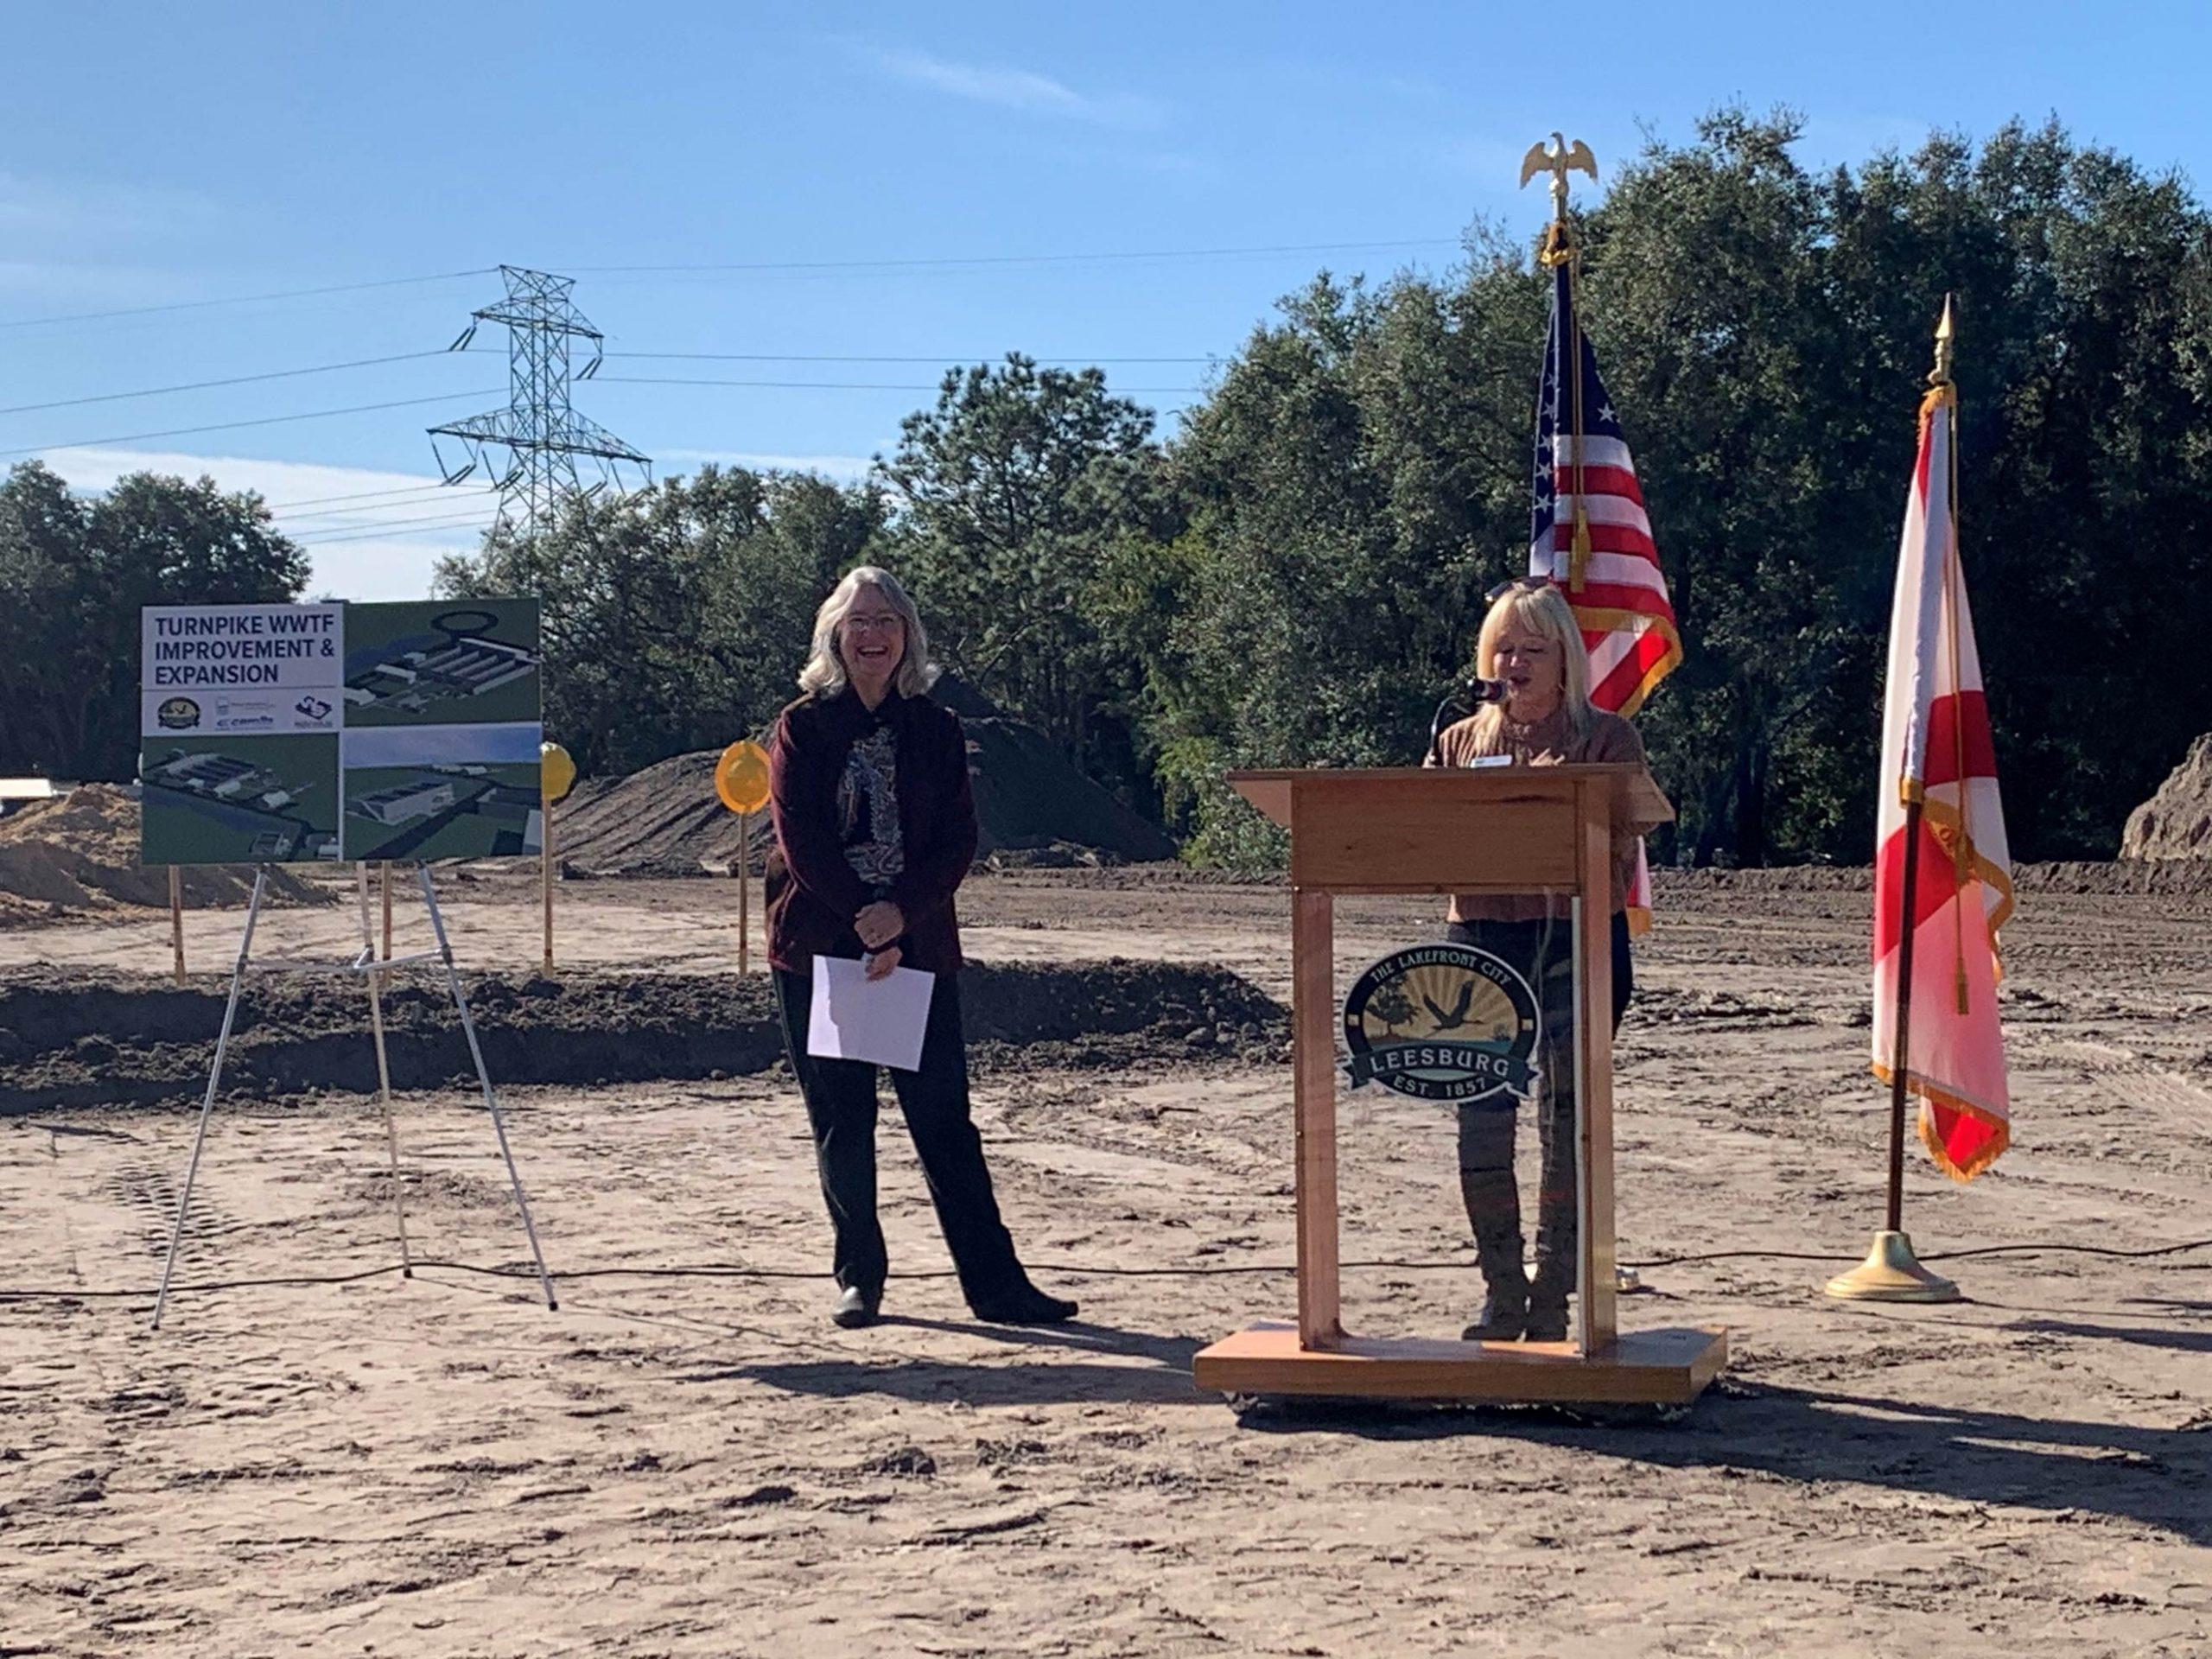 Susan Dolan speaking at a podium